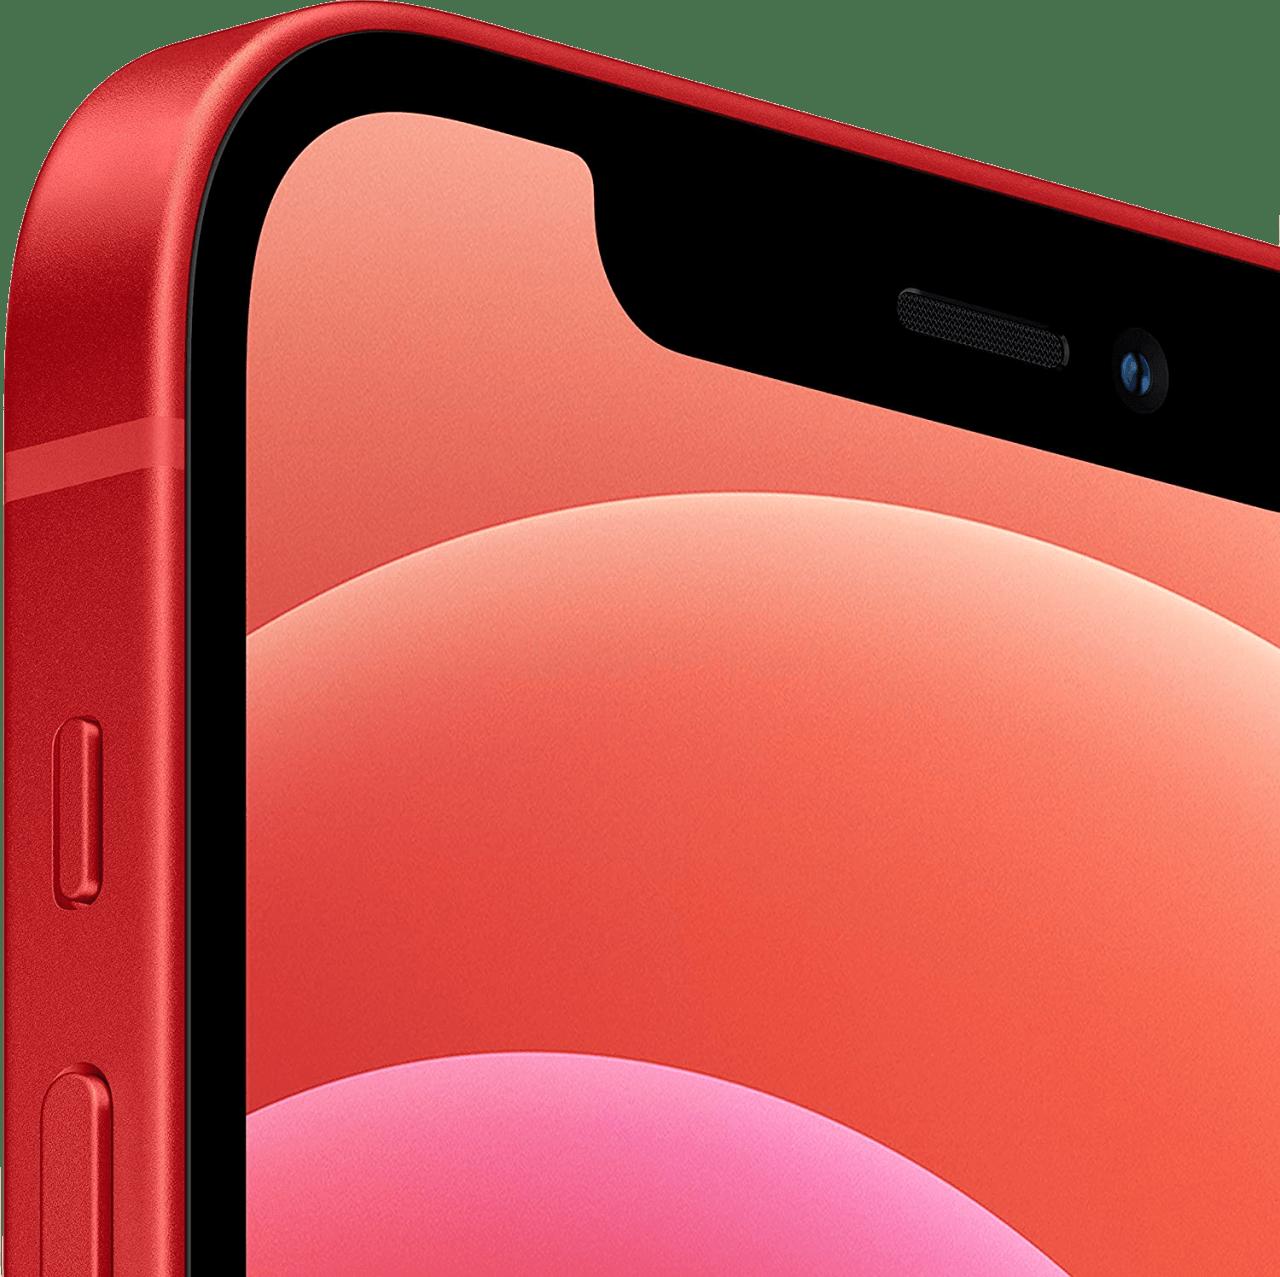 Rot Apple iPhone 12 mini 256GB.3